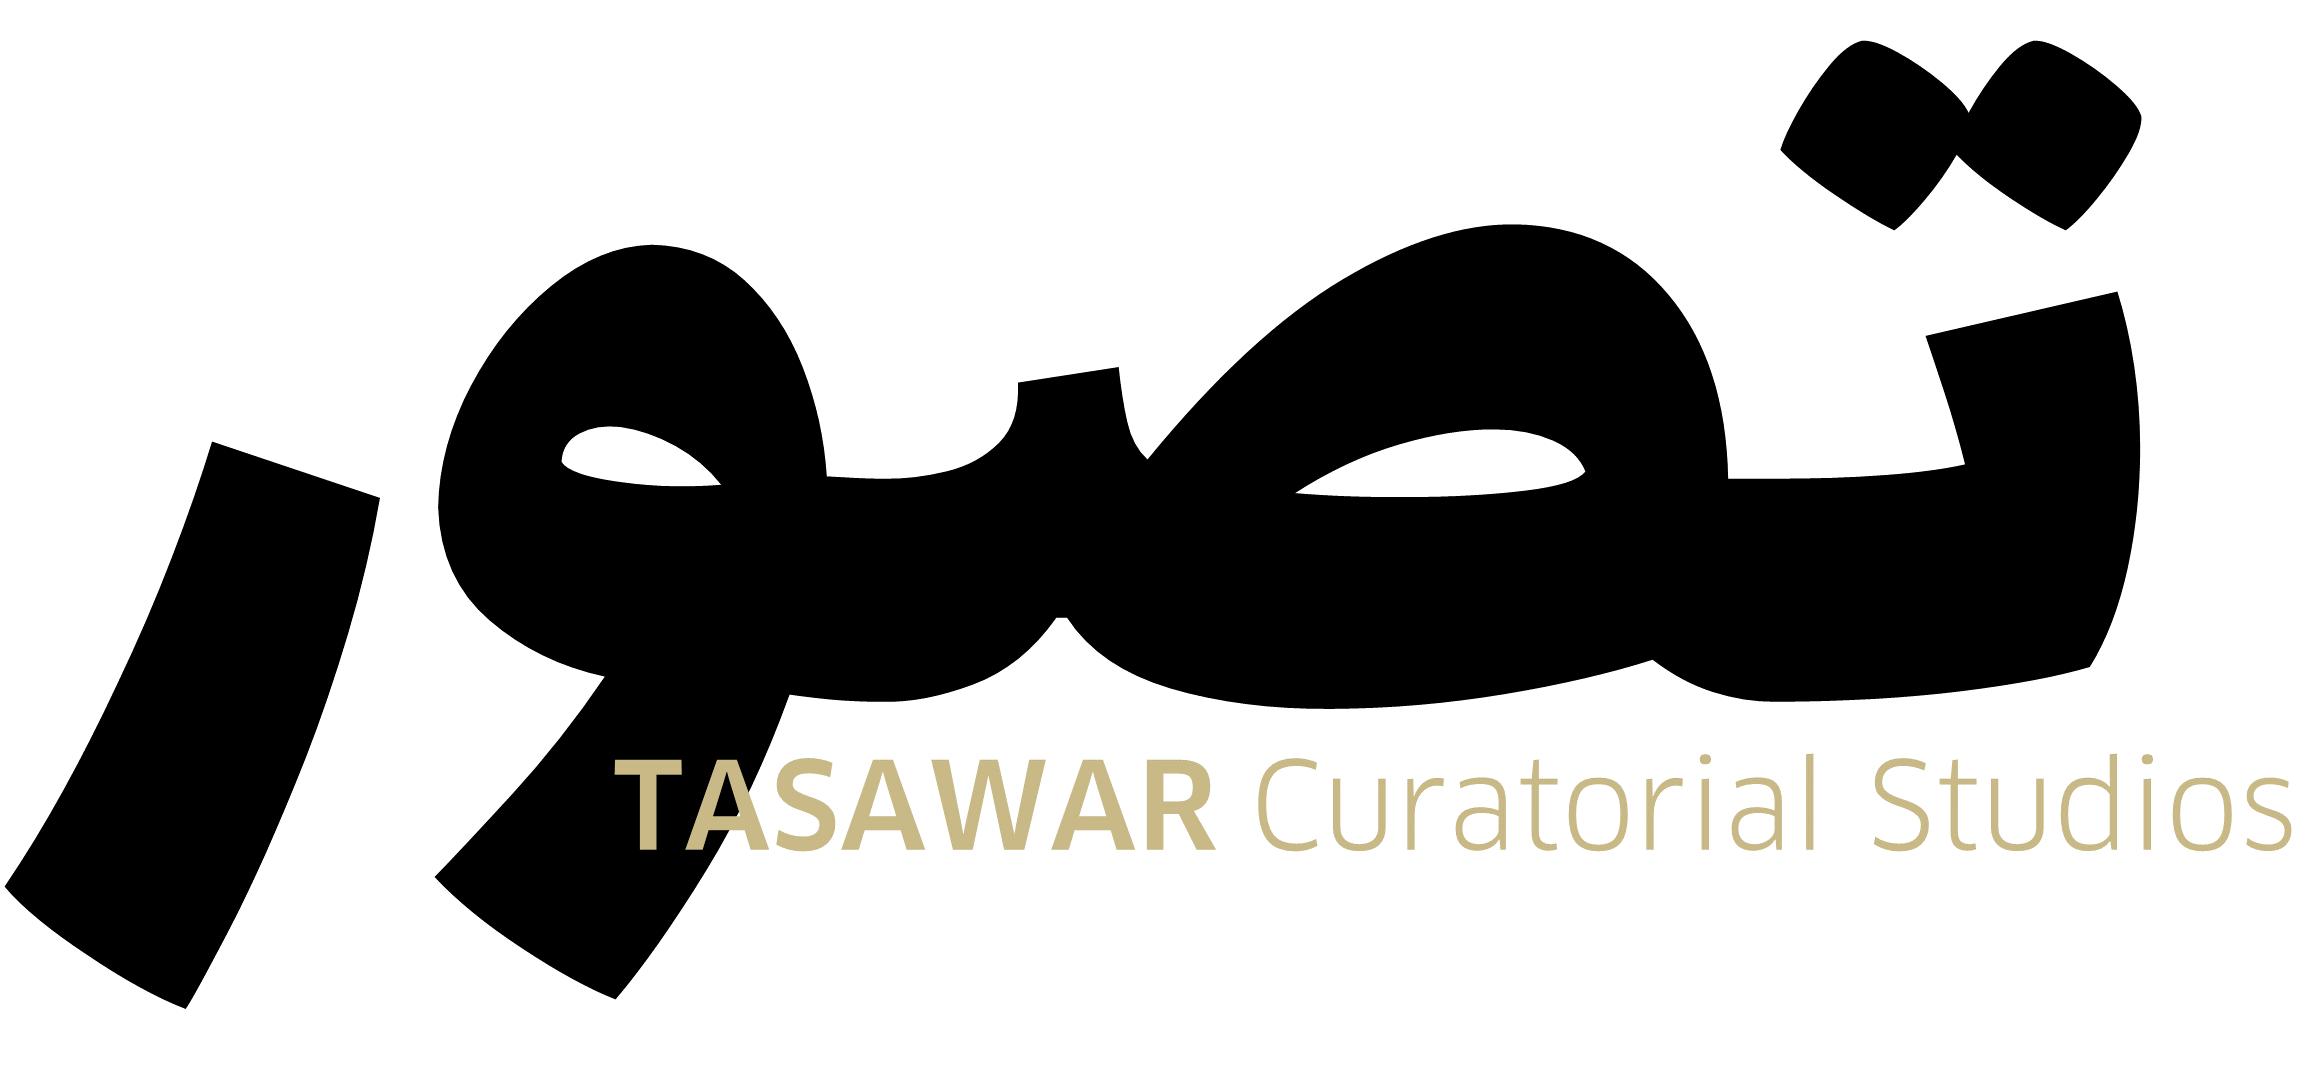 TASAWAR [1]